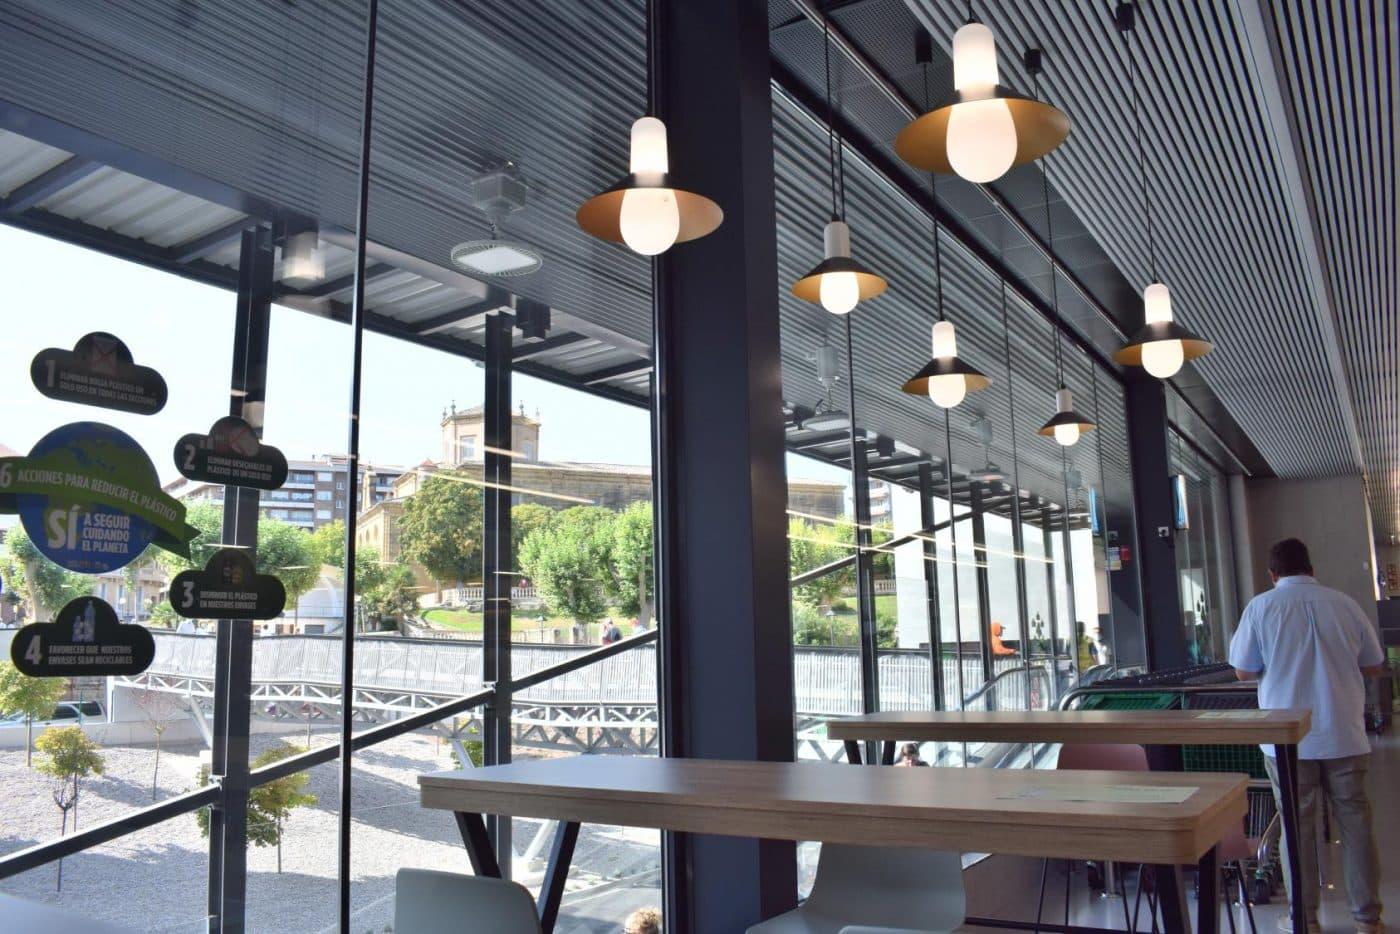 Mercadona inaugura en Haro su nuevo supermercado 'eficiente': 6 millones de euros de inversión 10